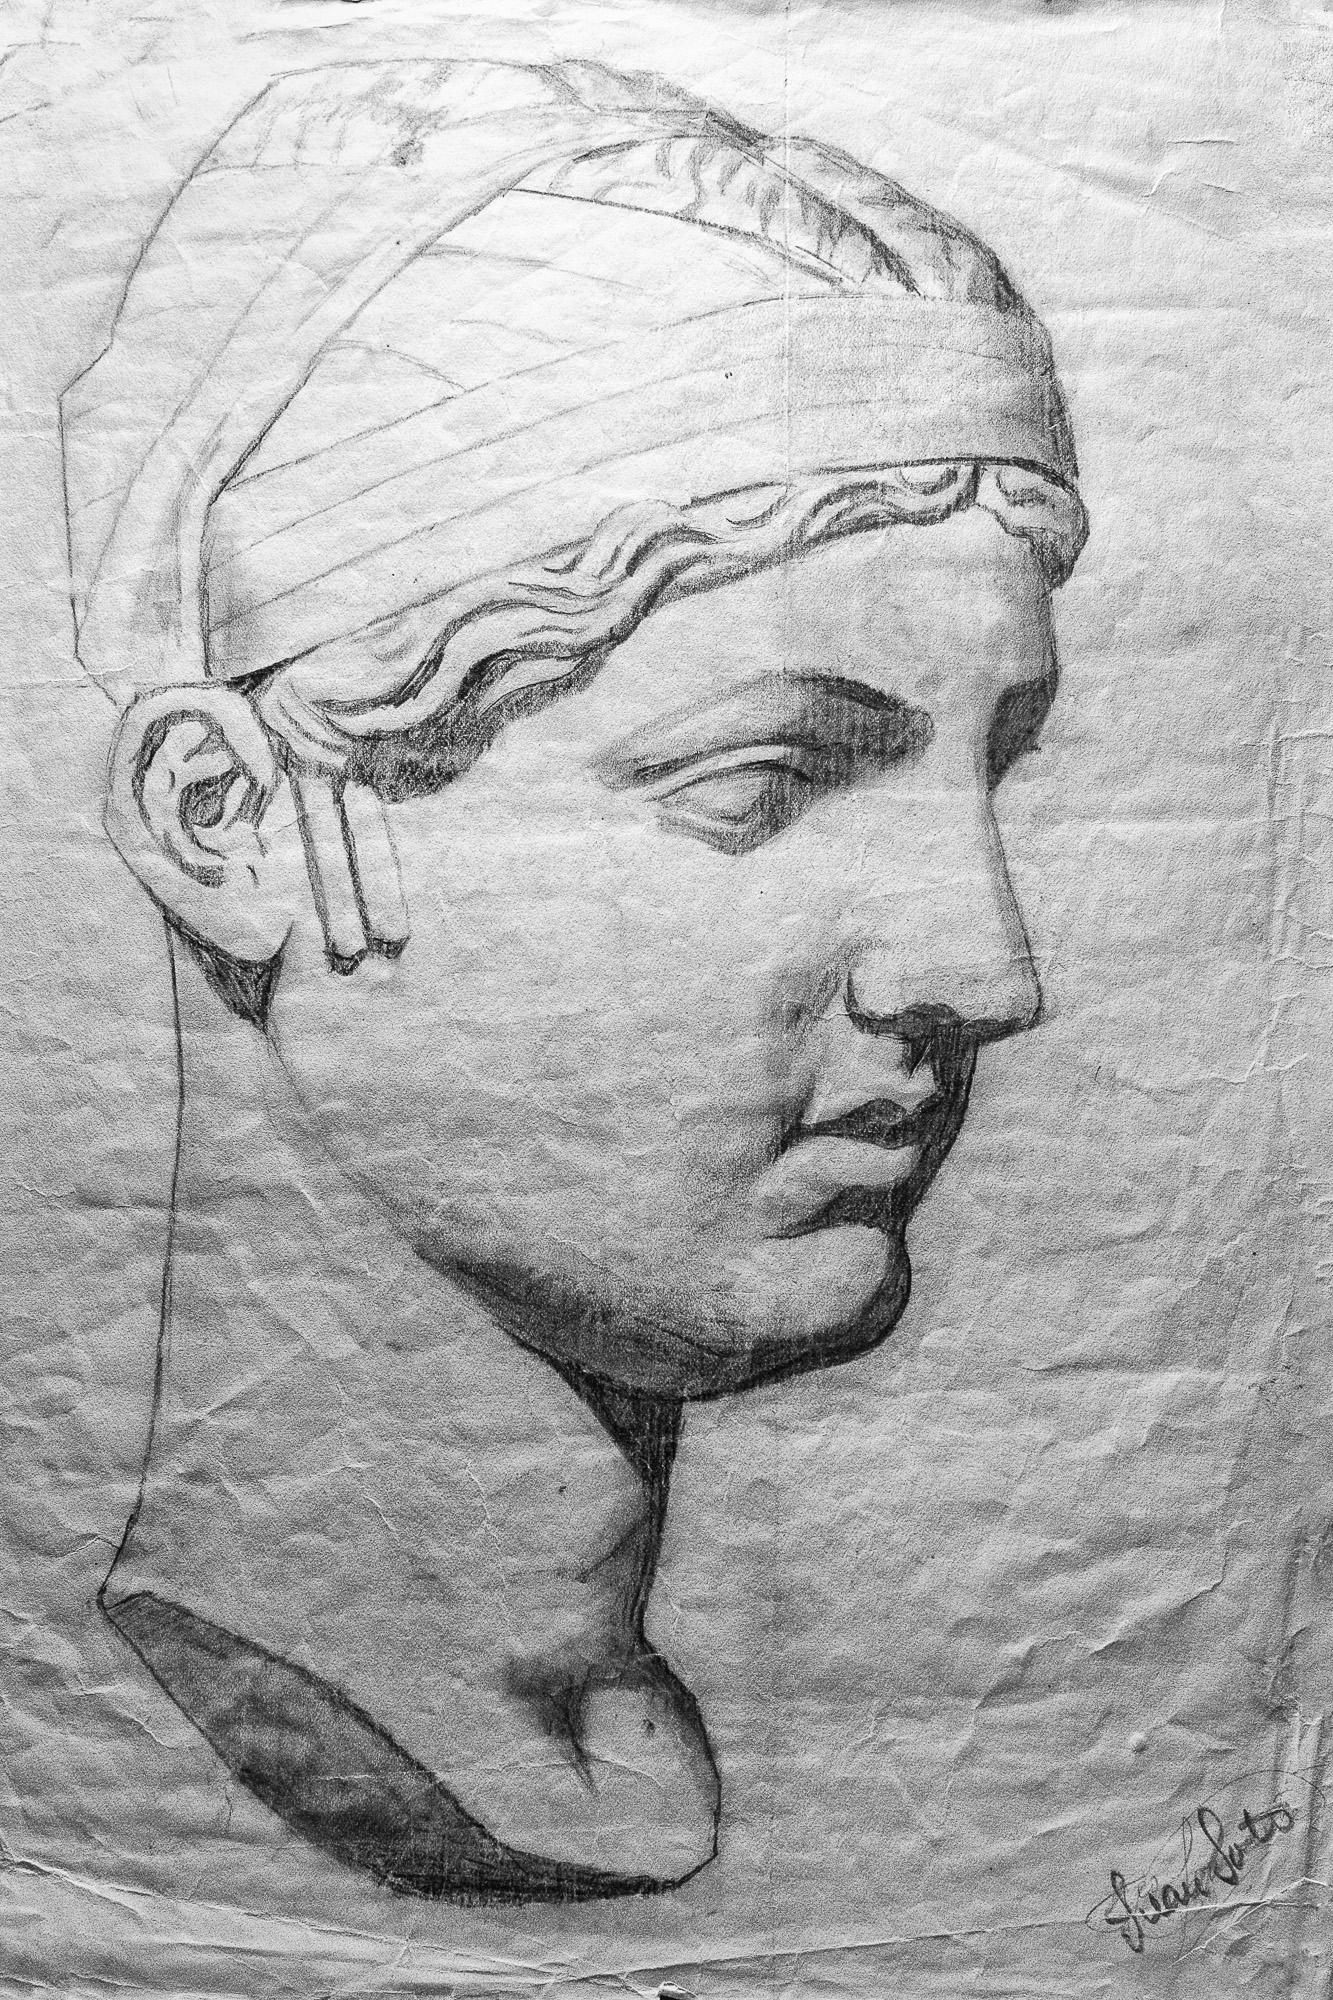 Juan Soto. Obra temprana 1946. Carboncillo sobre papel. 34 x 23,5 cm.